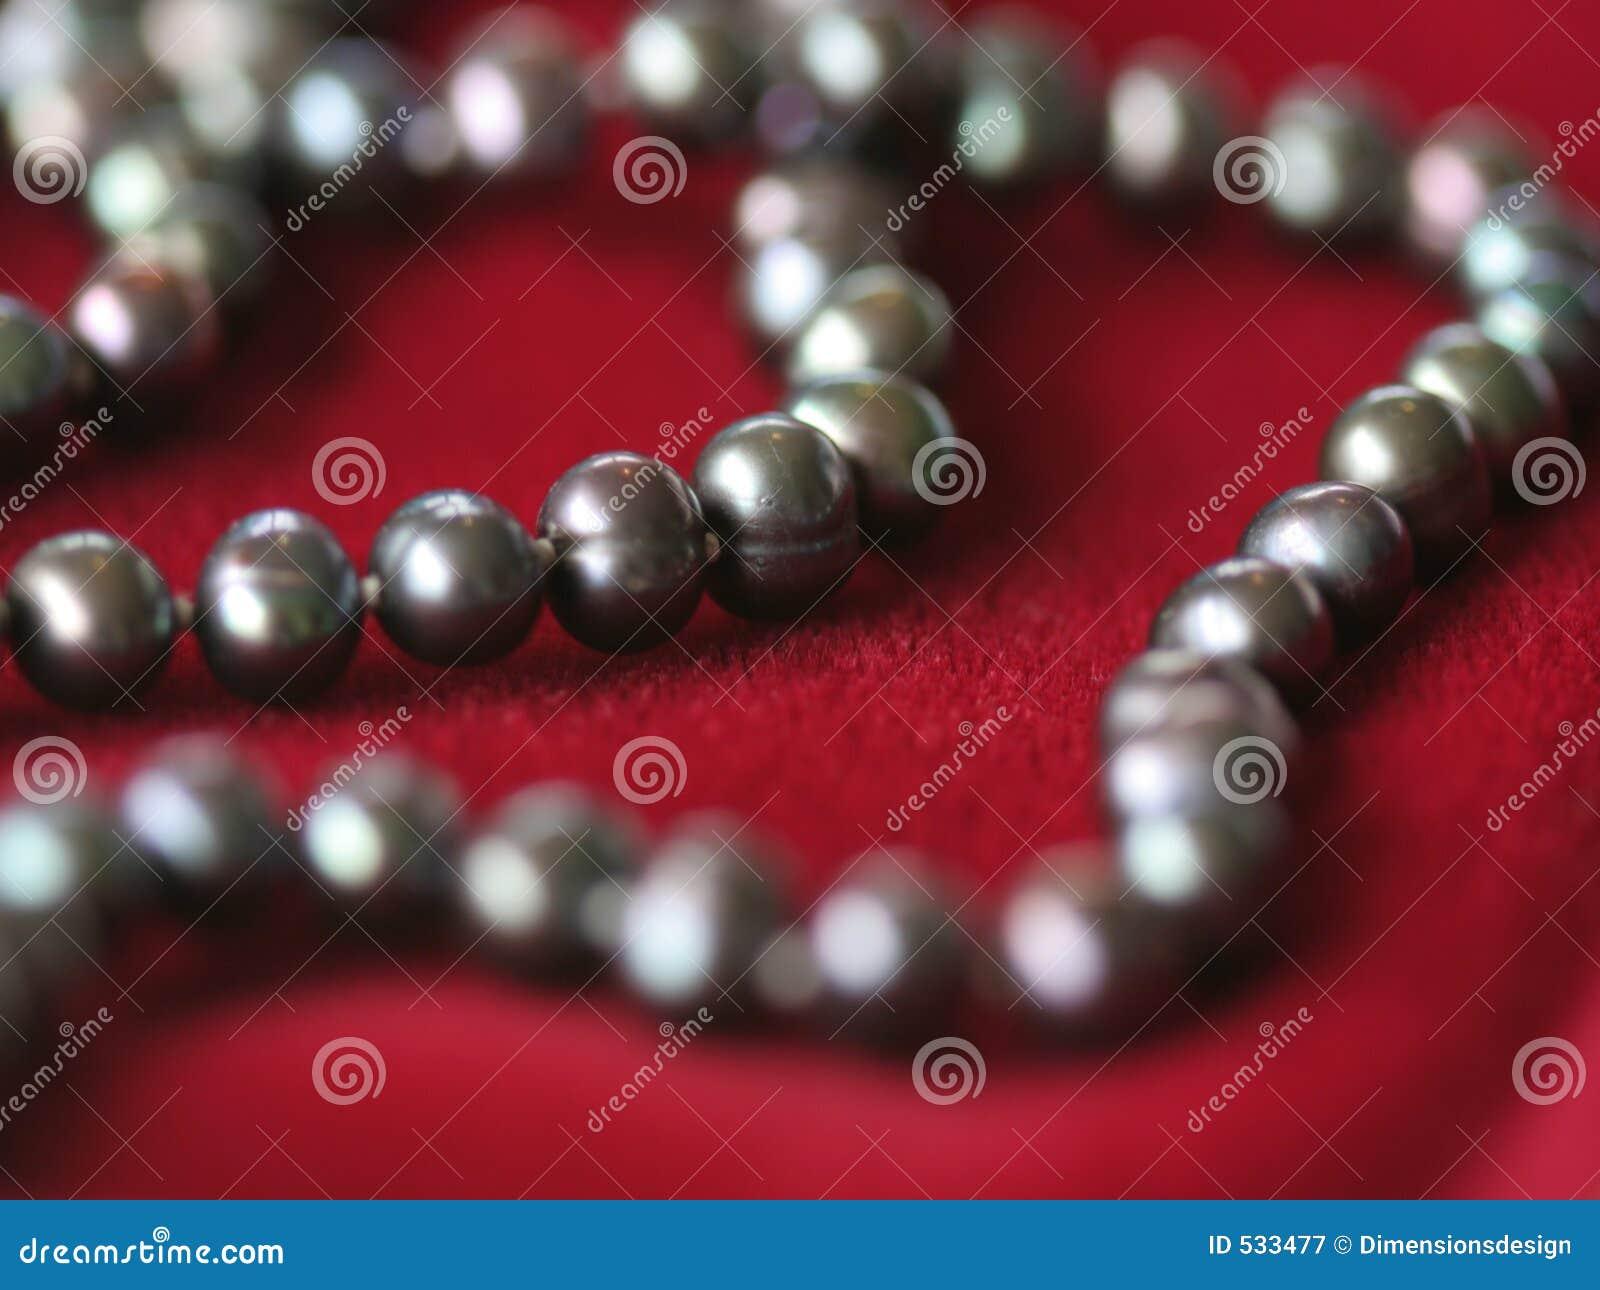 Download 黑色项链珍珠红色velvet2 库存图片. 图片 包括有 珍珠, 空白, 字符串, 红色, beauvoir - 533477